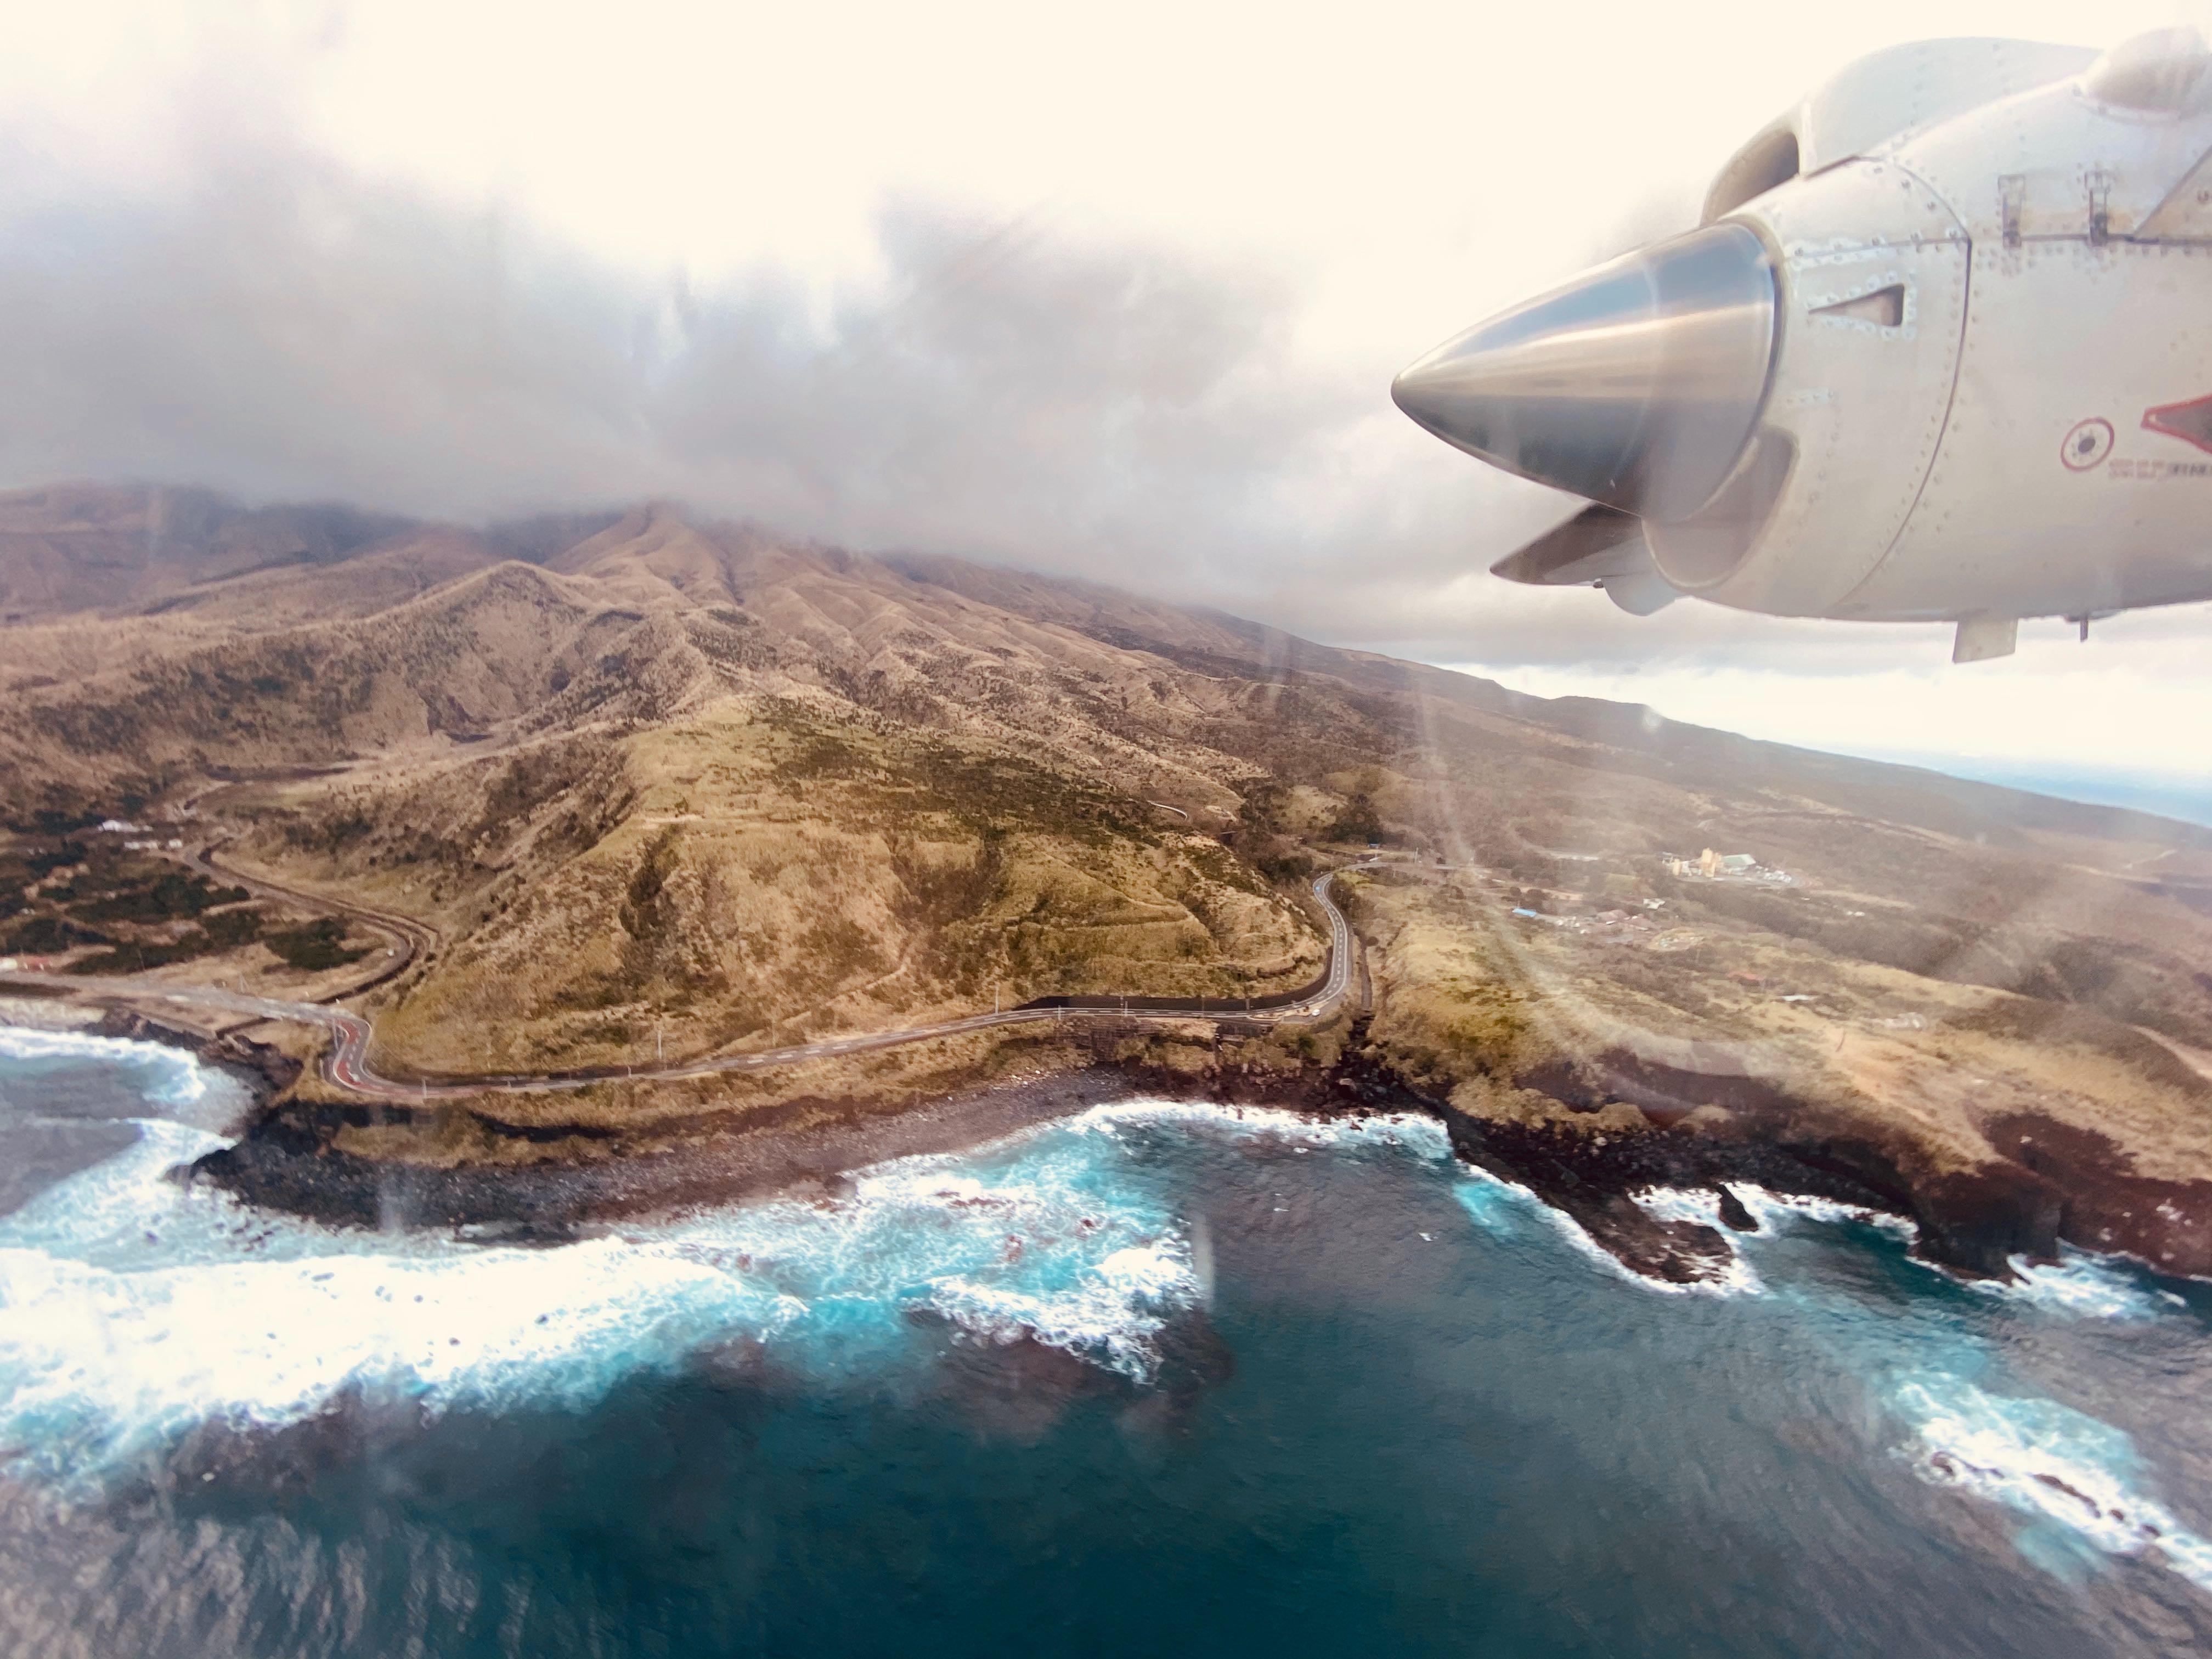 三宅島ドリームプロジェクトに向かう飛行機が到着する寸前の写真|bravesoft